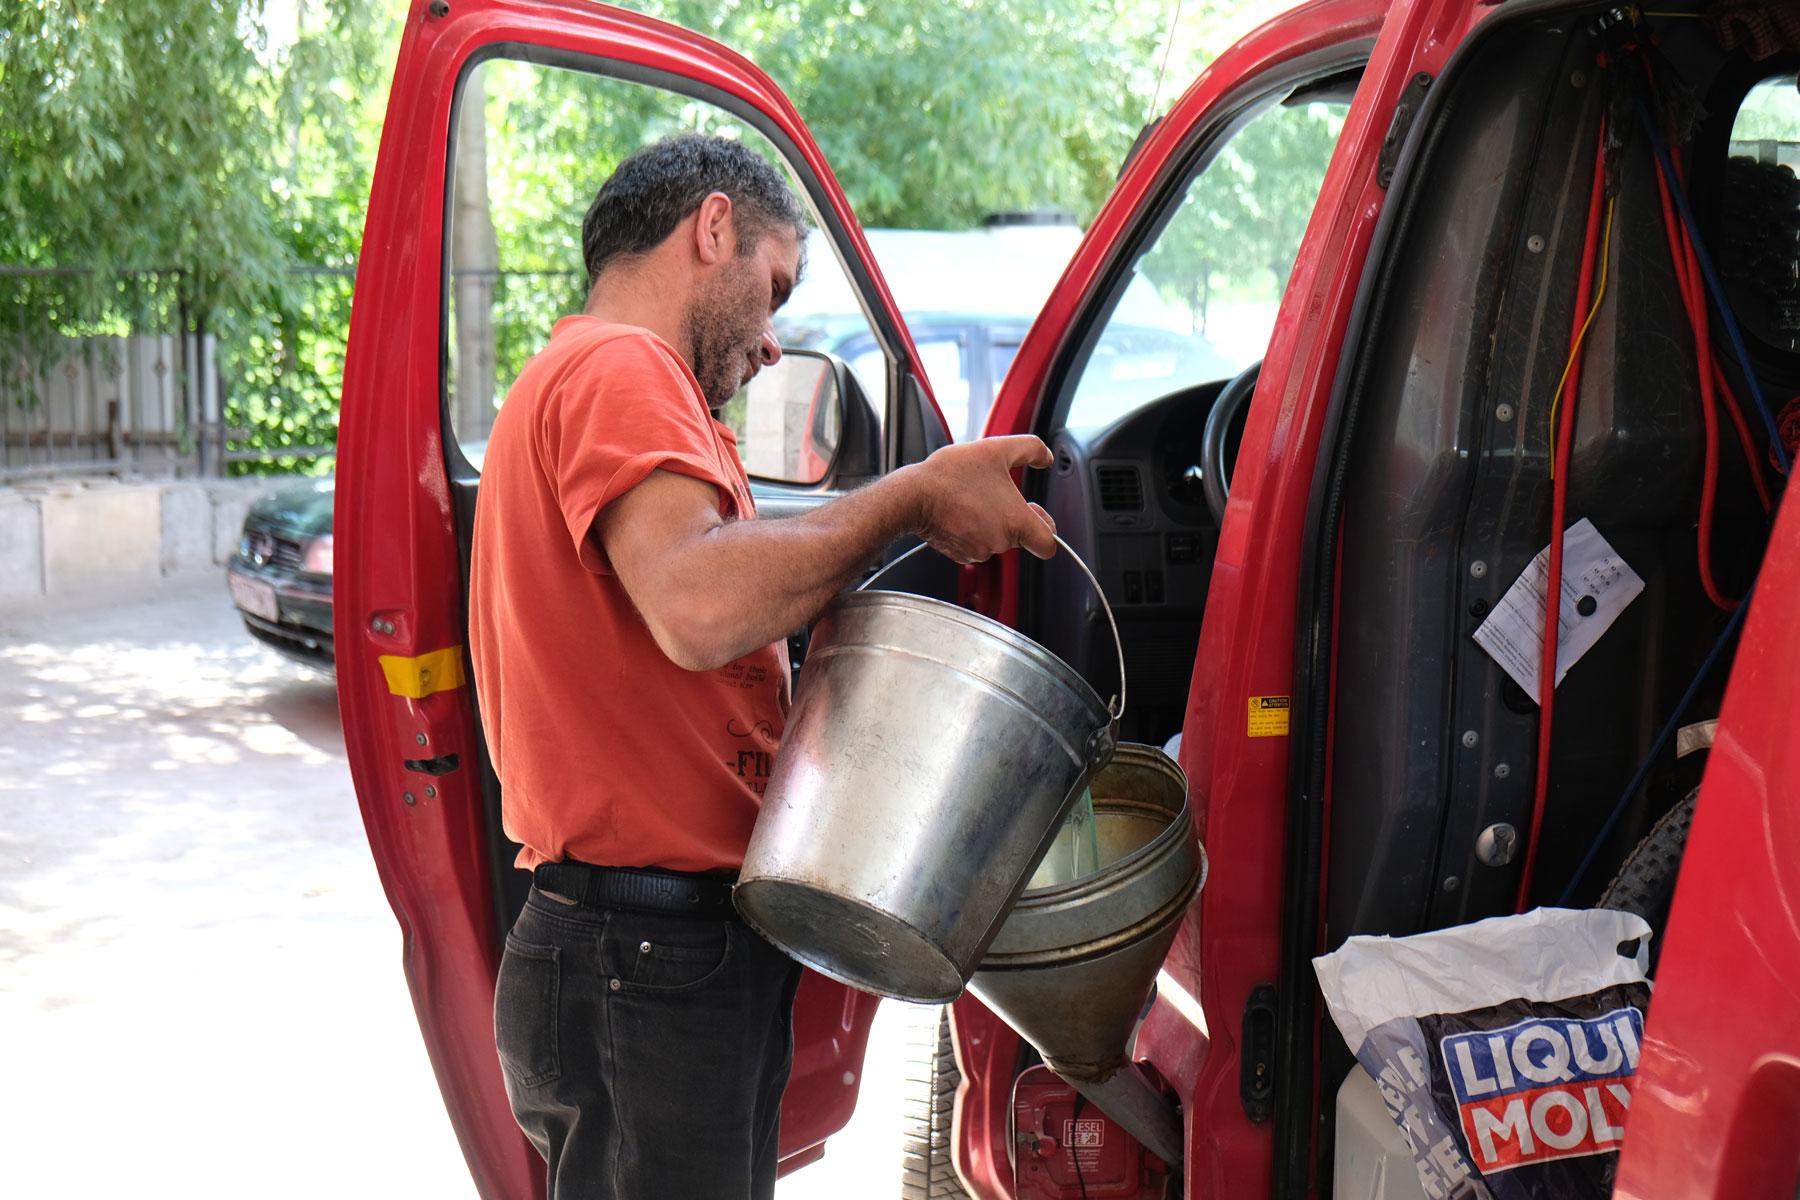 Ein Mann füllt über einen Trichter Benzin in einen Kleintransporter.